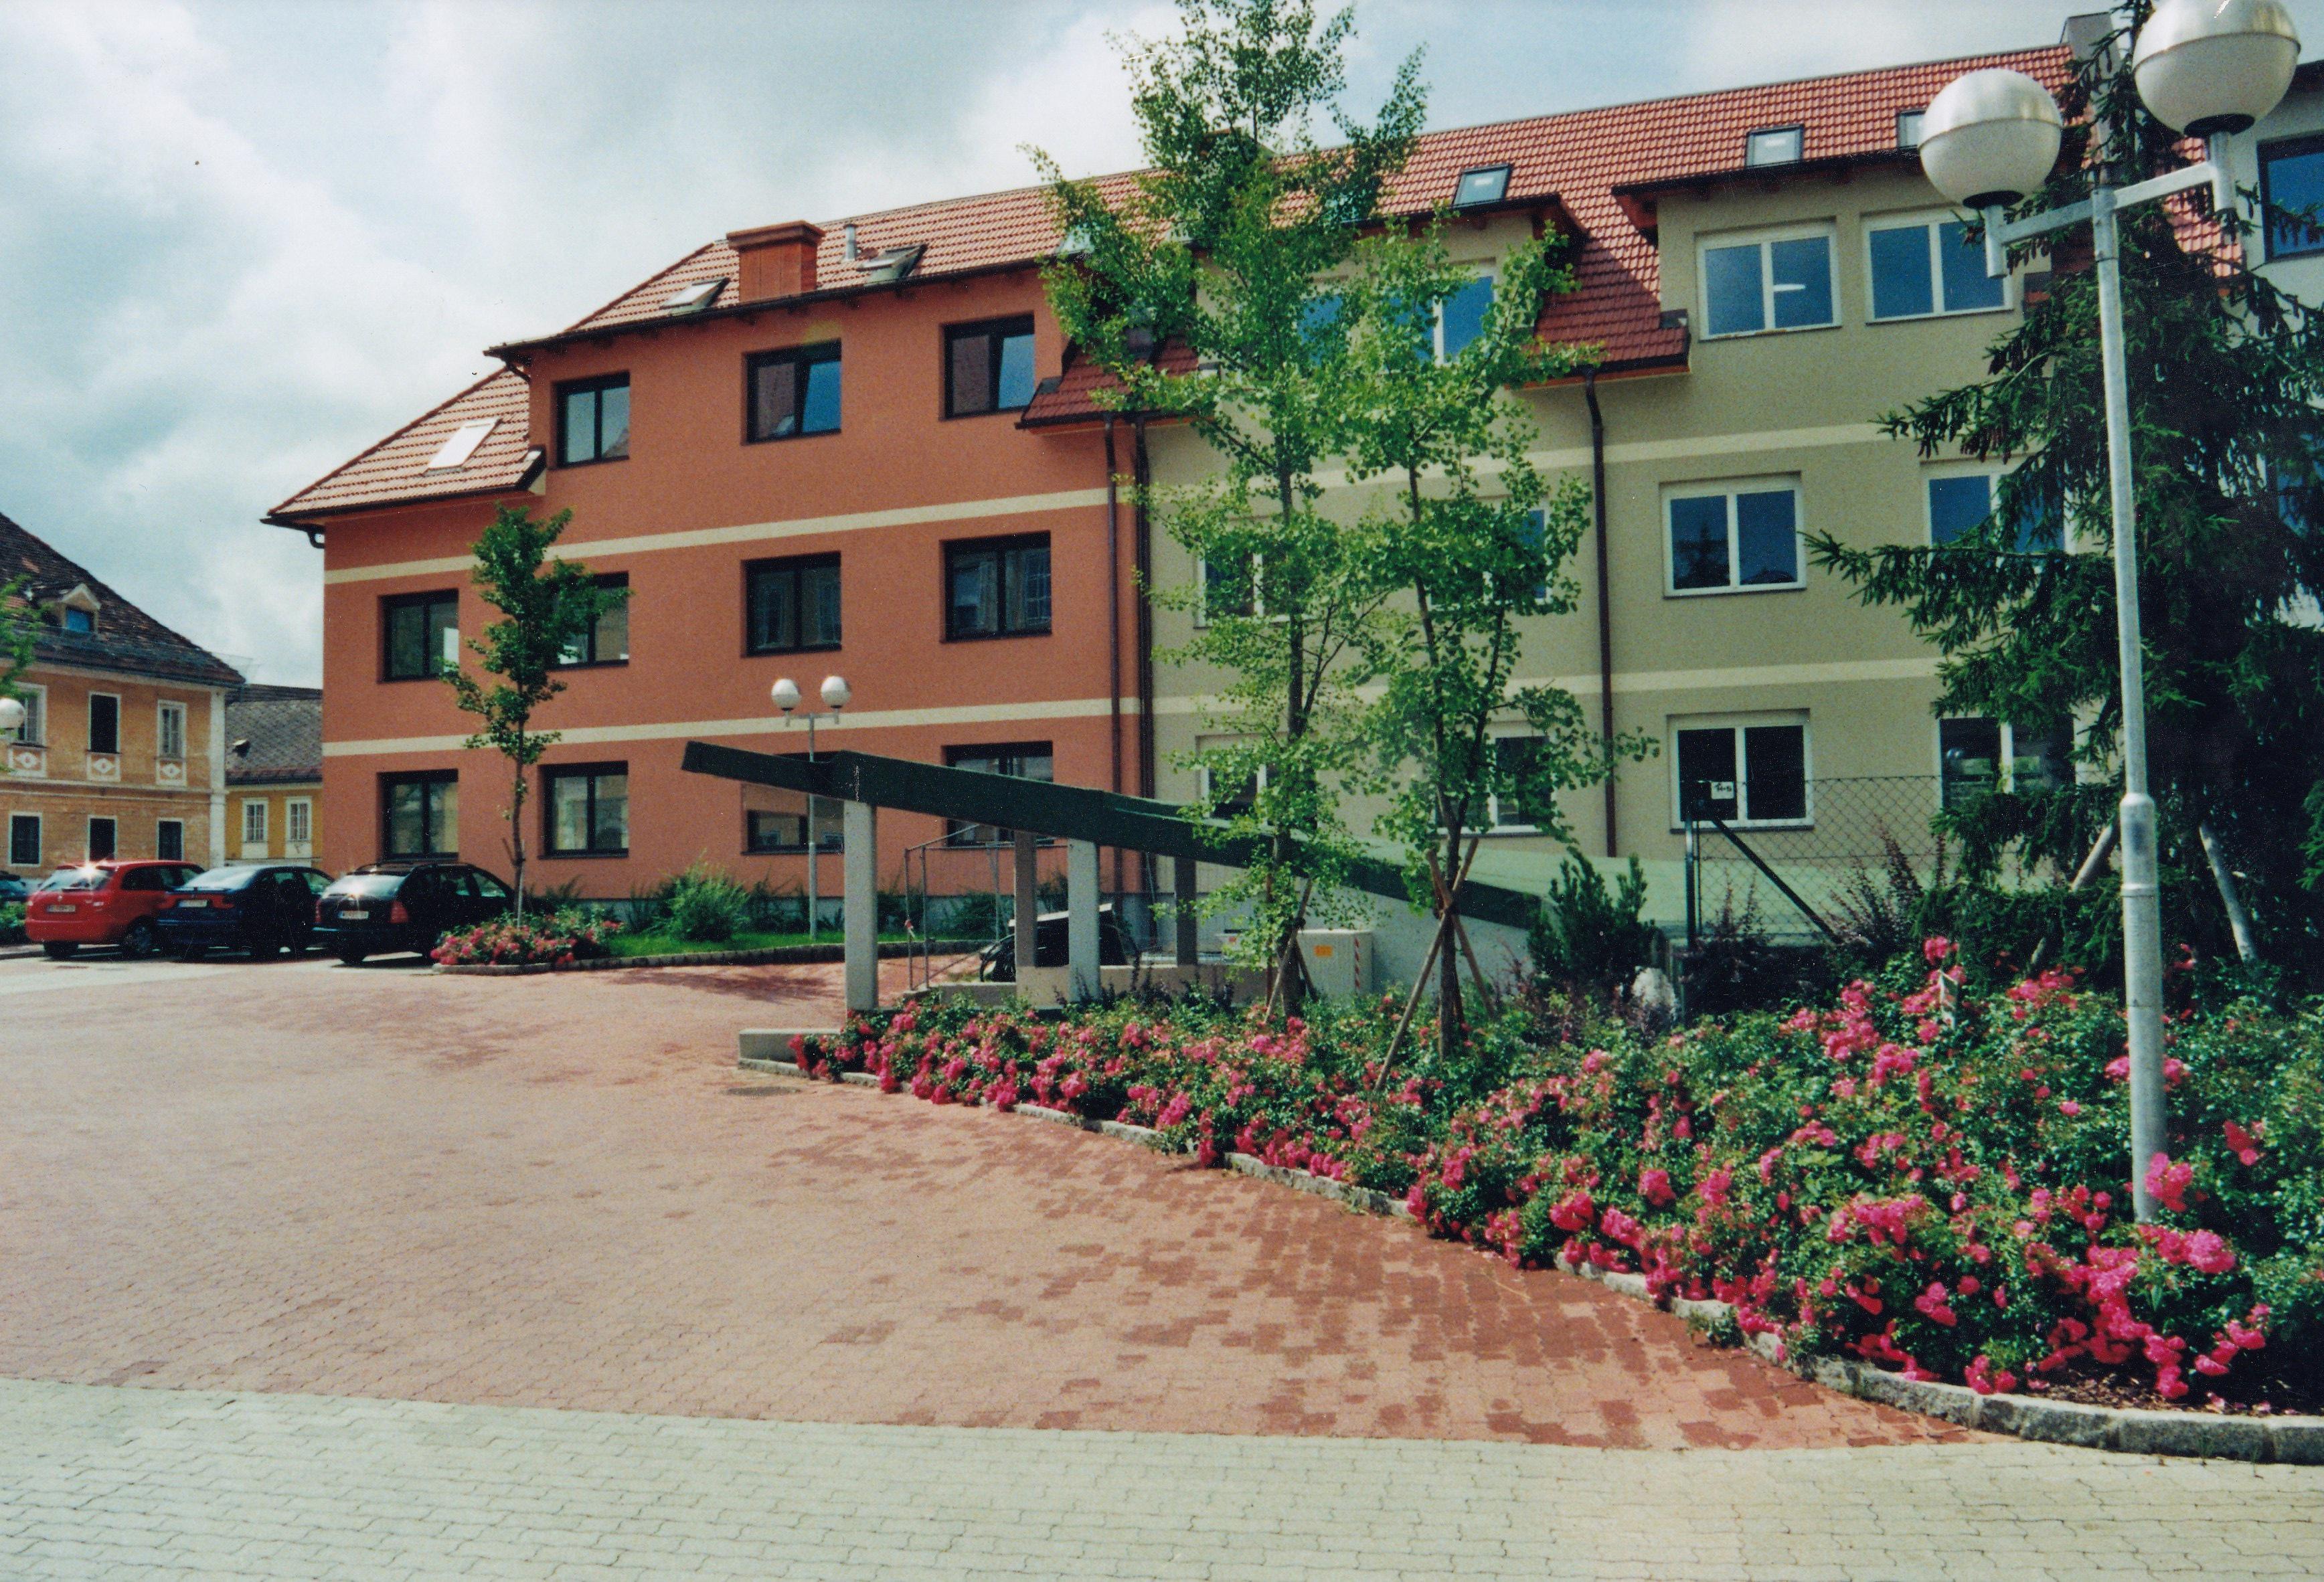 St. Veiterring, Bürogebäude, Geschäftslokale, Ordinationen